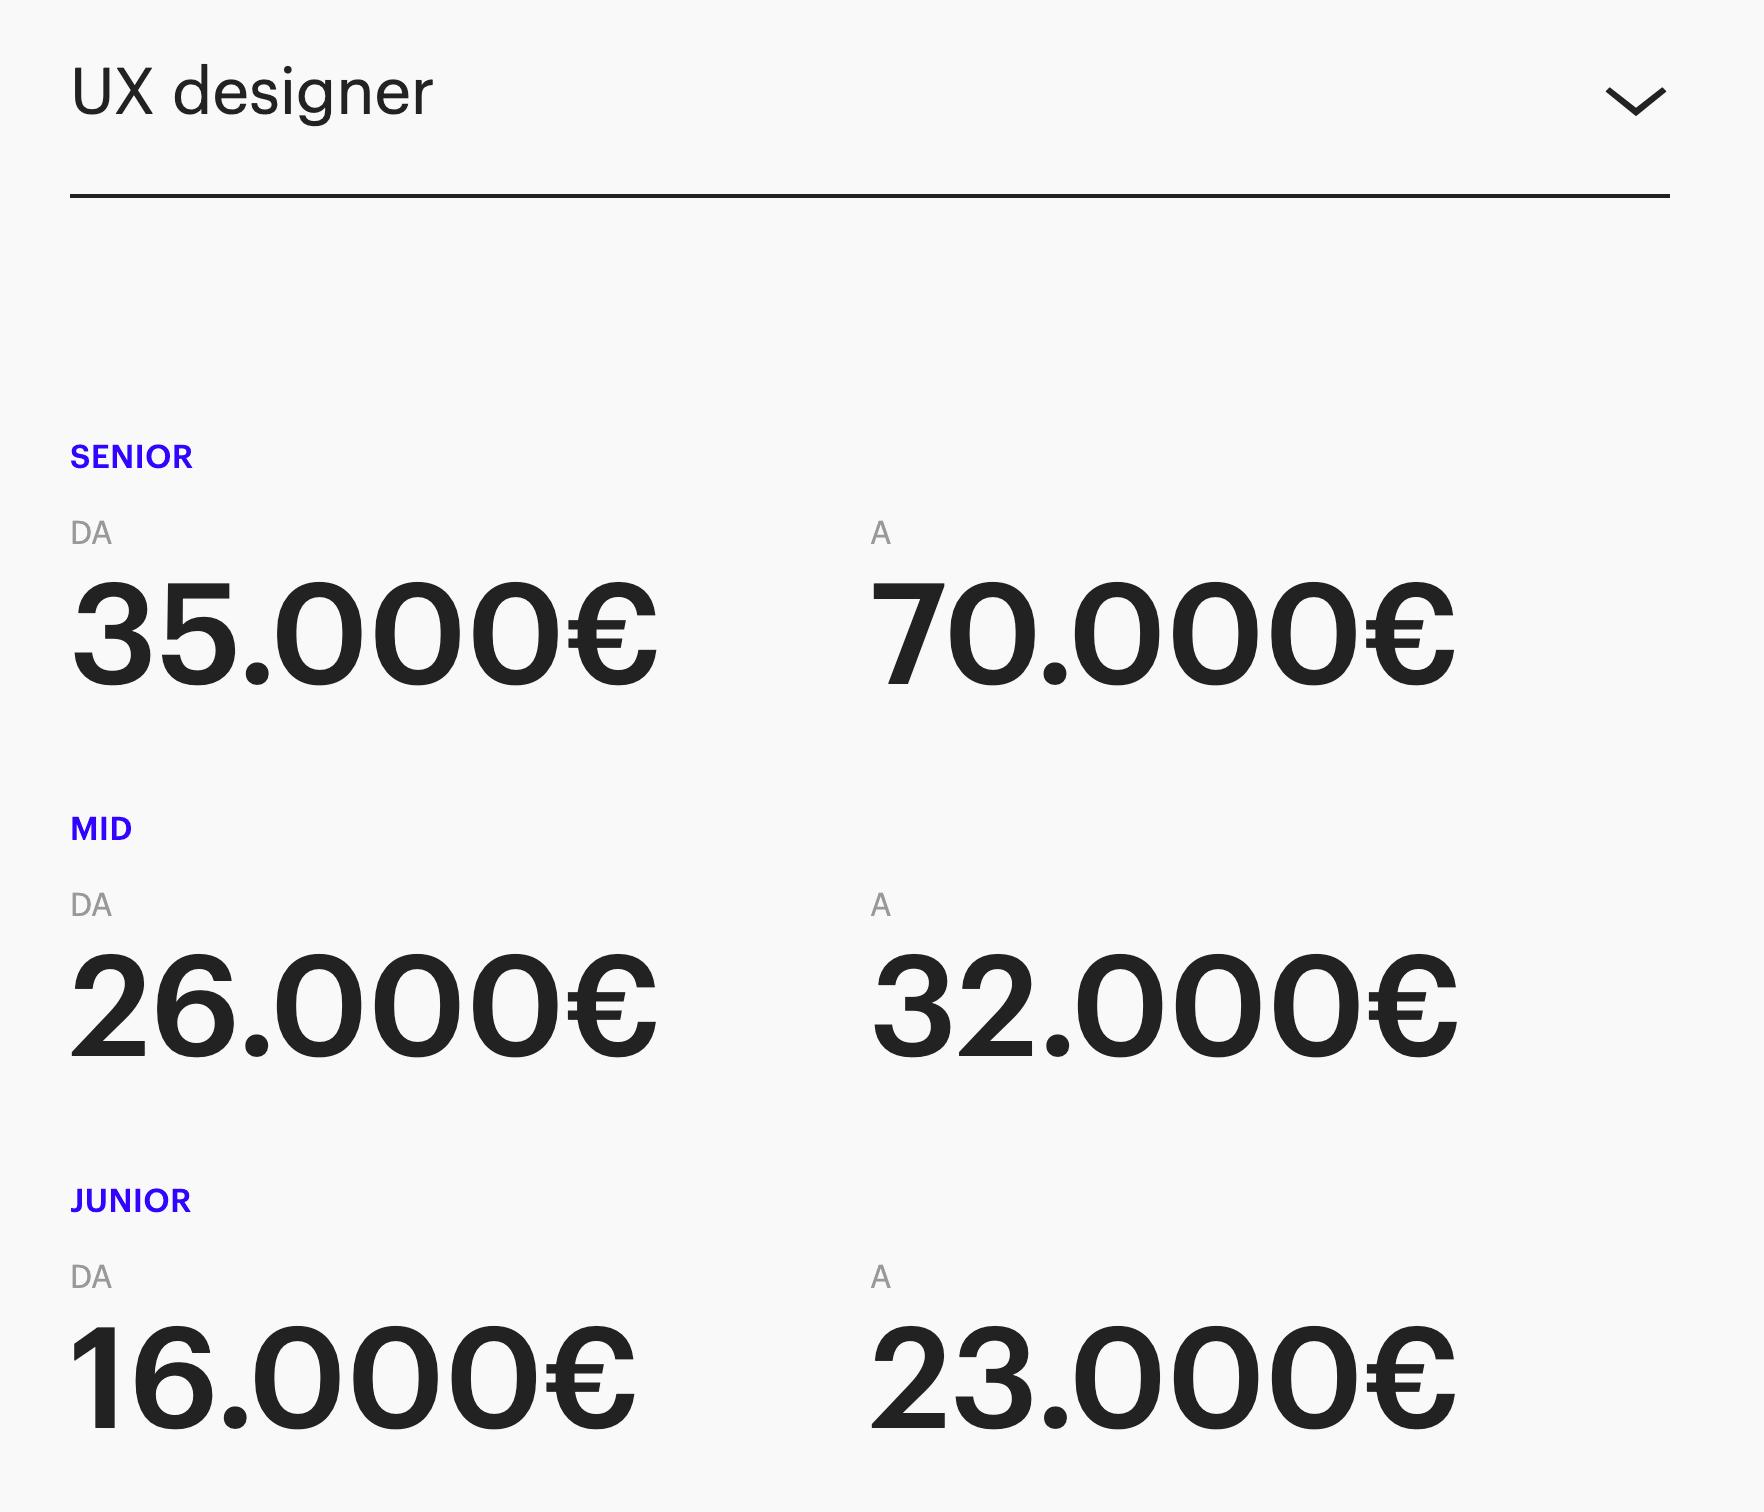 diventare ux designer